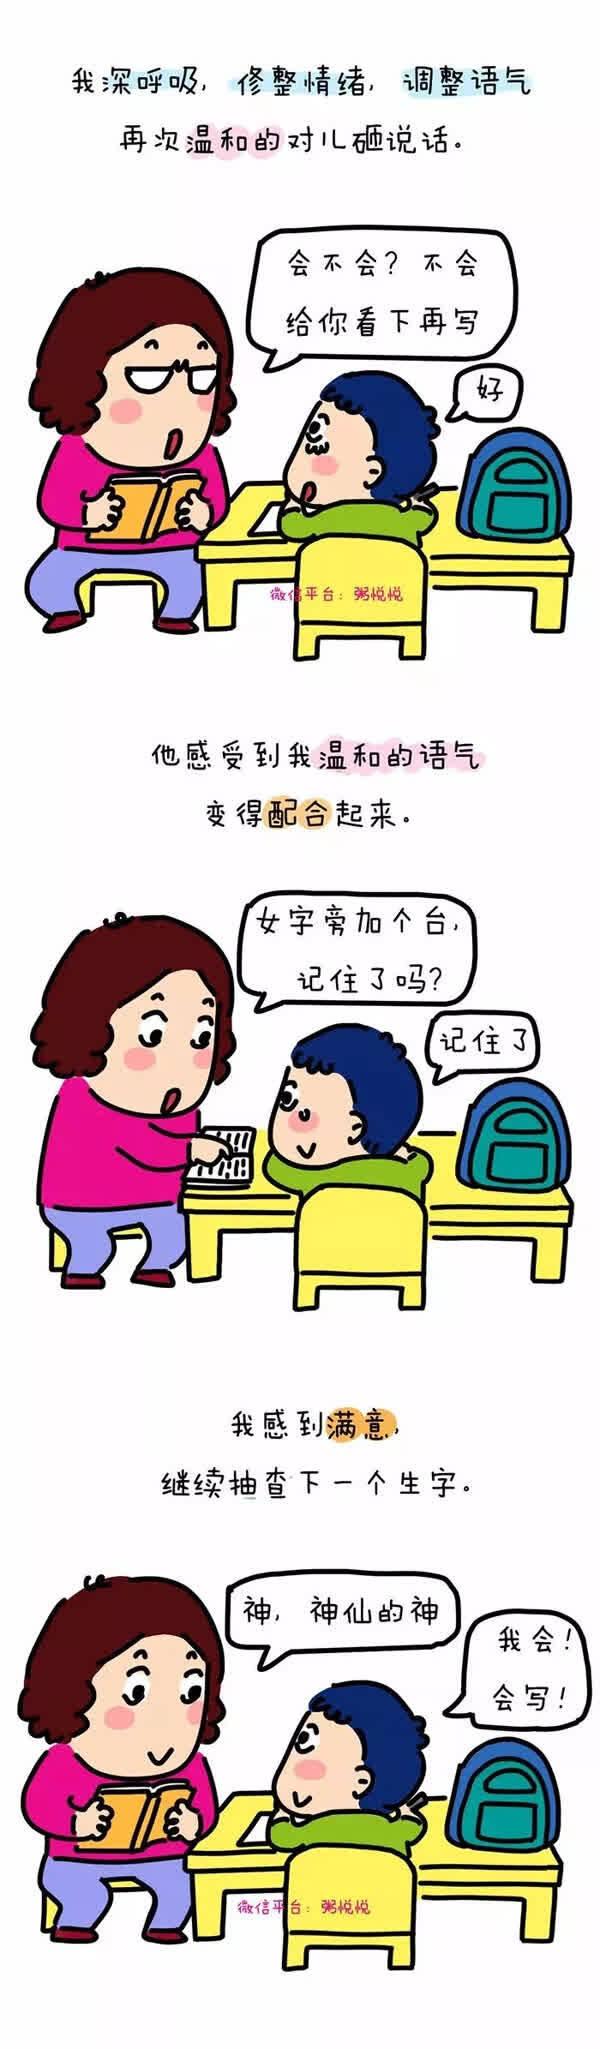 小学生放学后 每日分享教育学习资料 关注 陪娃写作业, 家长不精分也